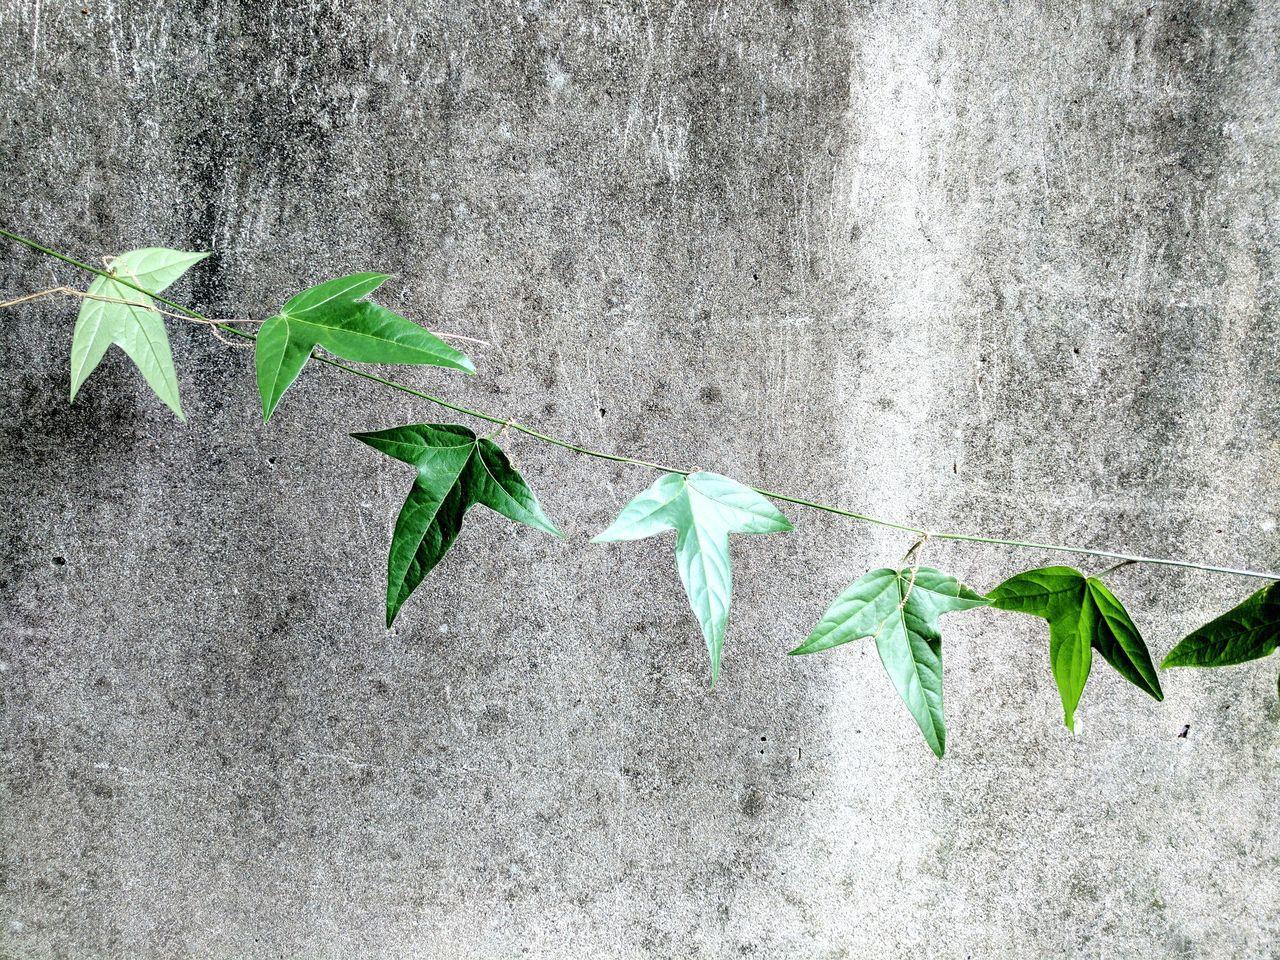 Shenq-Yuan Wang